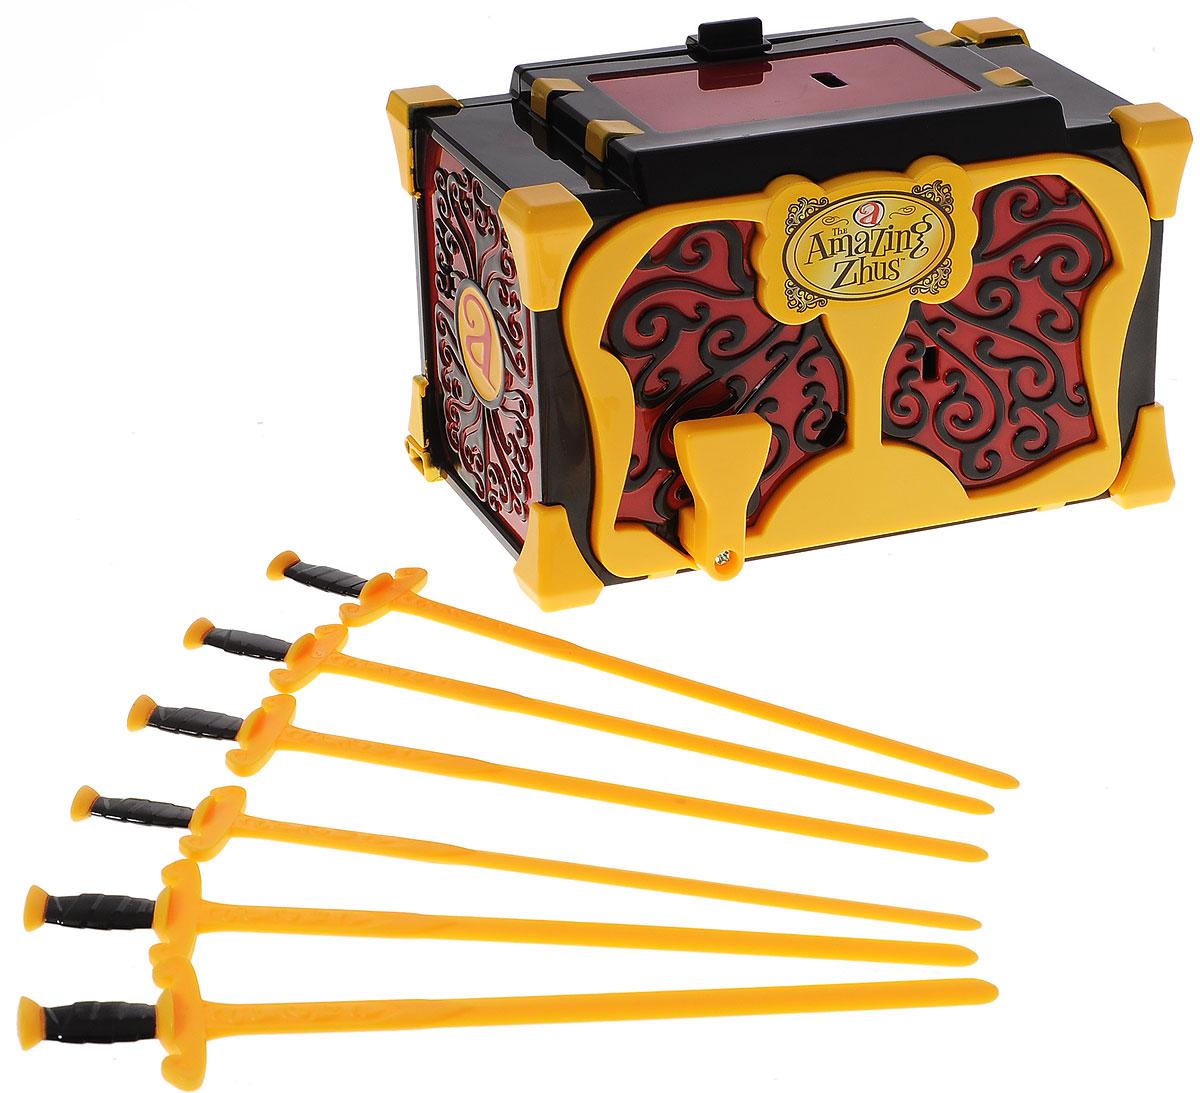 Amazing Zhus Игровой набор Ящик для фокуса с мечами26050Игровой набор Amazing Zhus Ящик для фокуса с мечами предназначен для демонстрации фокусов с мышками Amazing Zhus (продаются отдельно). Просто посадите мышку в ящик, закройте, и она исчезнет. Вставьте в ящик шпаги, чтобы все убедились, что там никого нет! Удивленные лица зрителей гарантированы!